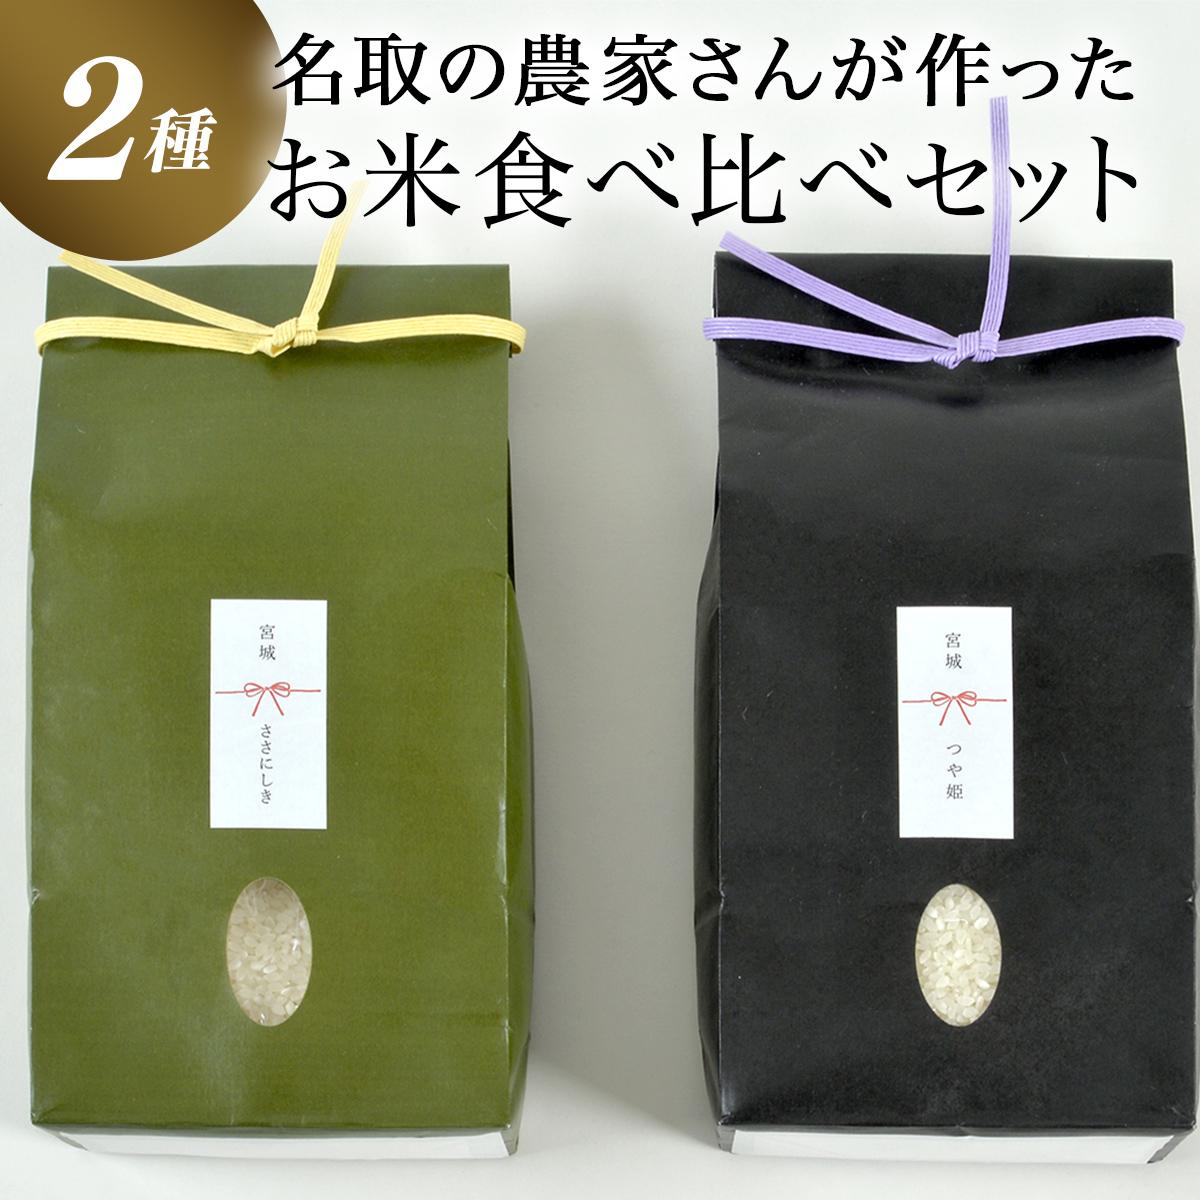 【ふるさと納税】〜令和元年度新米〜こだわりのお米 つや姫2kg&ササニシキ2kg